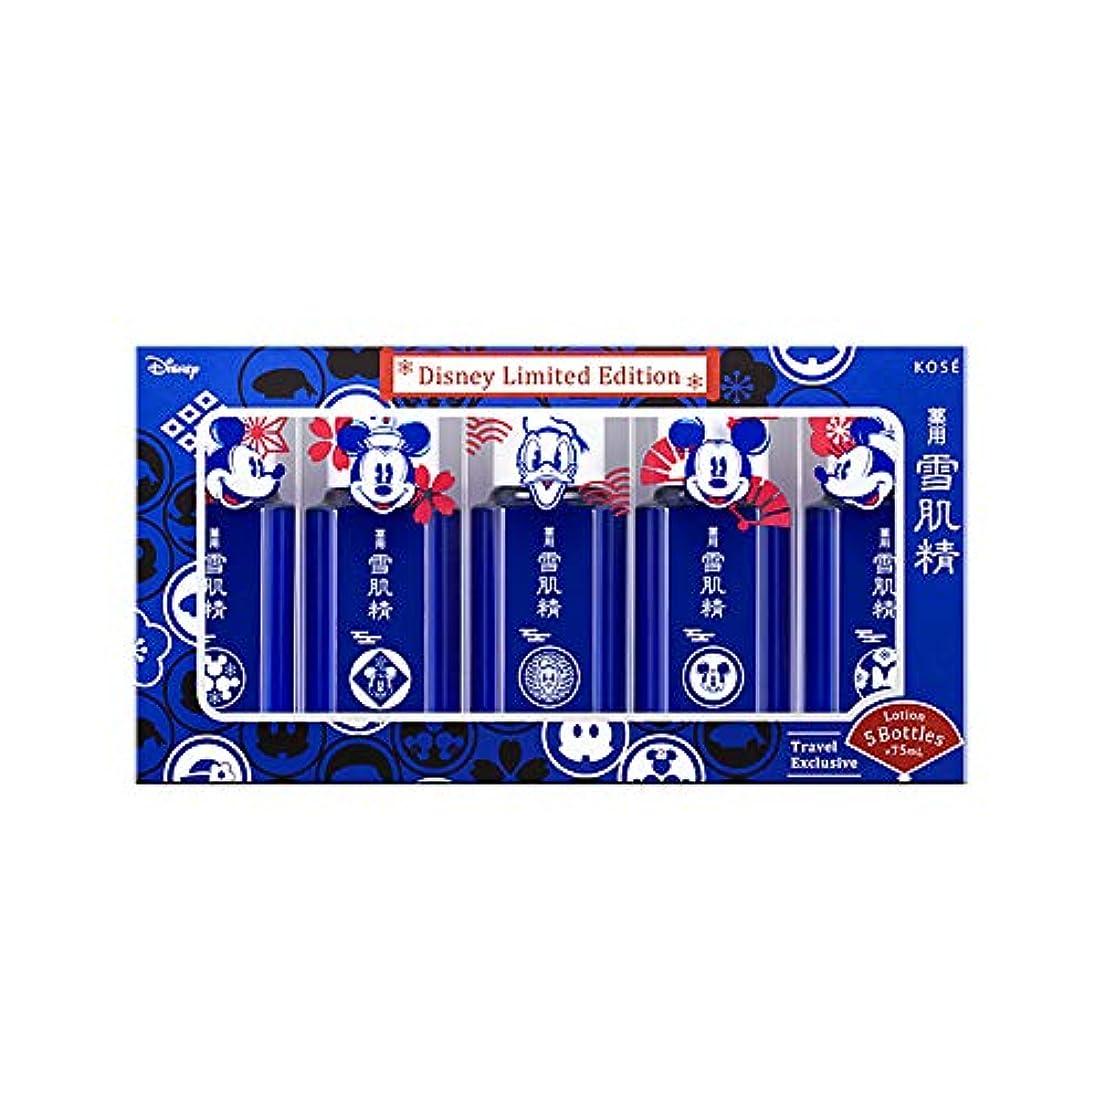 フェロー諸島起業家祖母コーセー 雪肌精 薬用 雪肌精 化粧水 セット 75 ディズニー リミテッド エディション(限定) [ 化粧水 ] [並行輸入品]